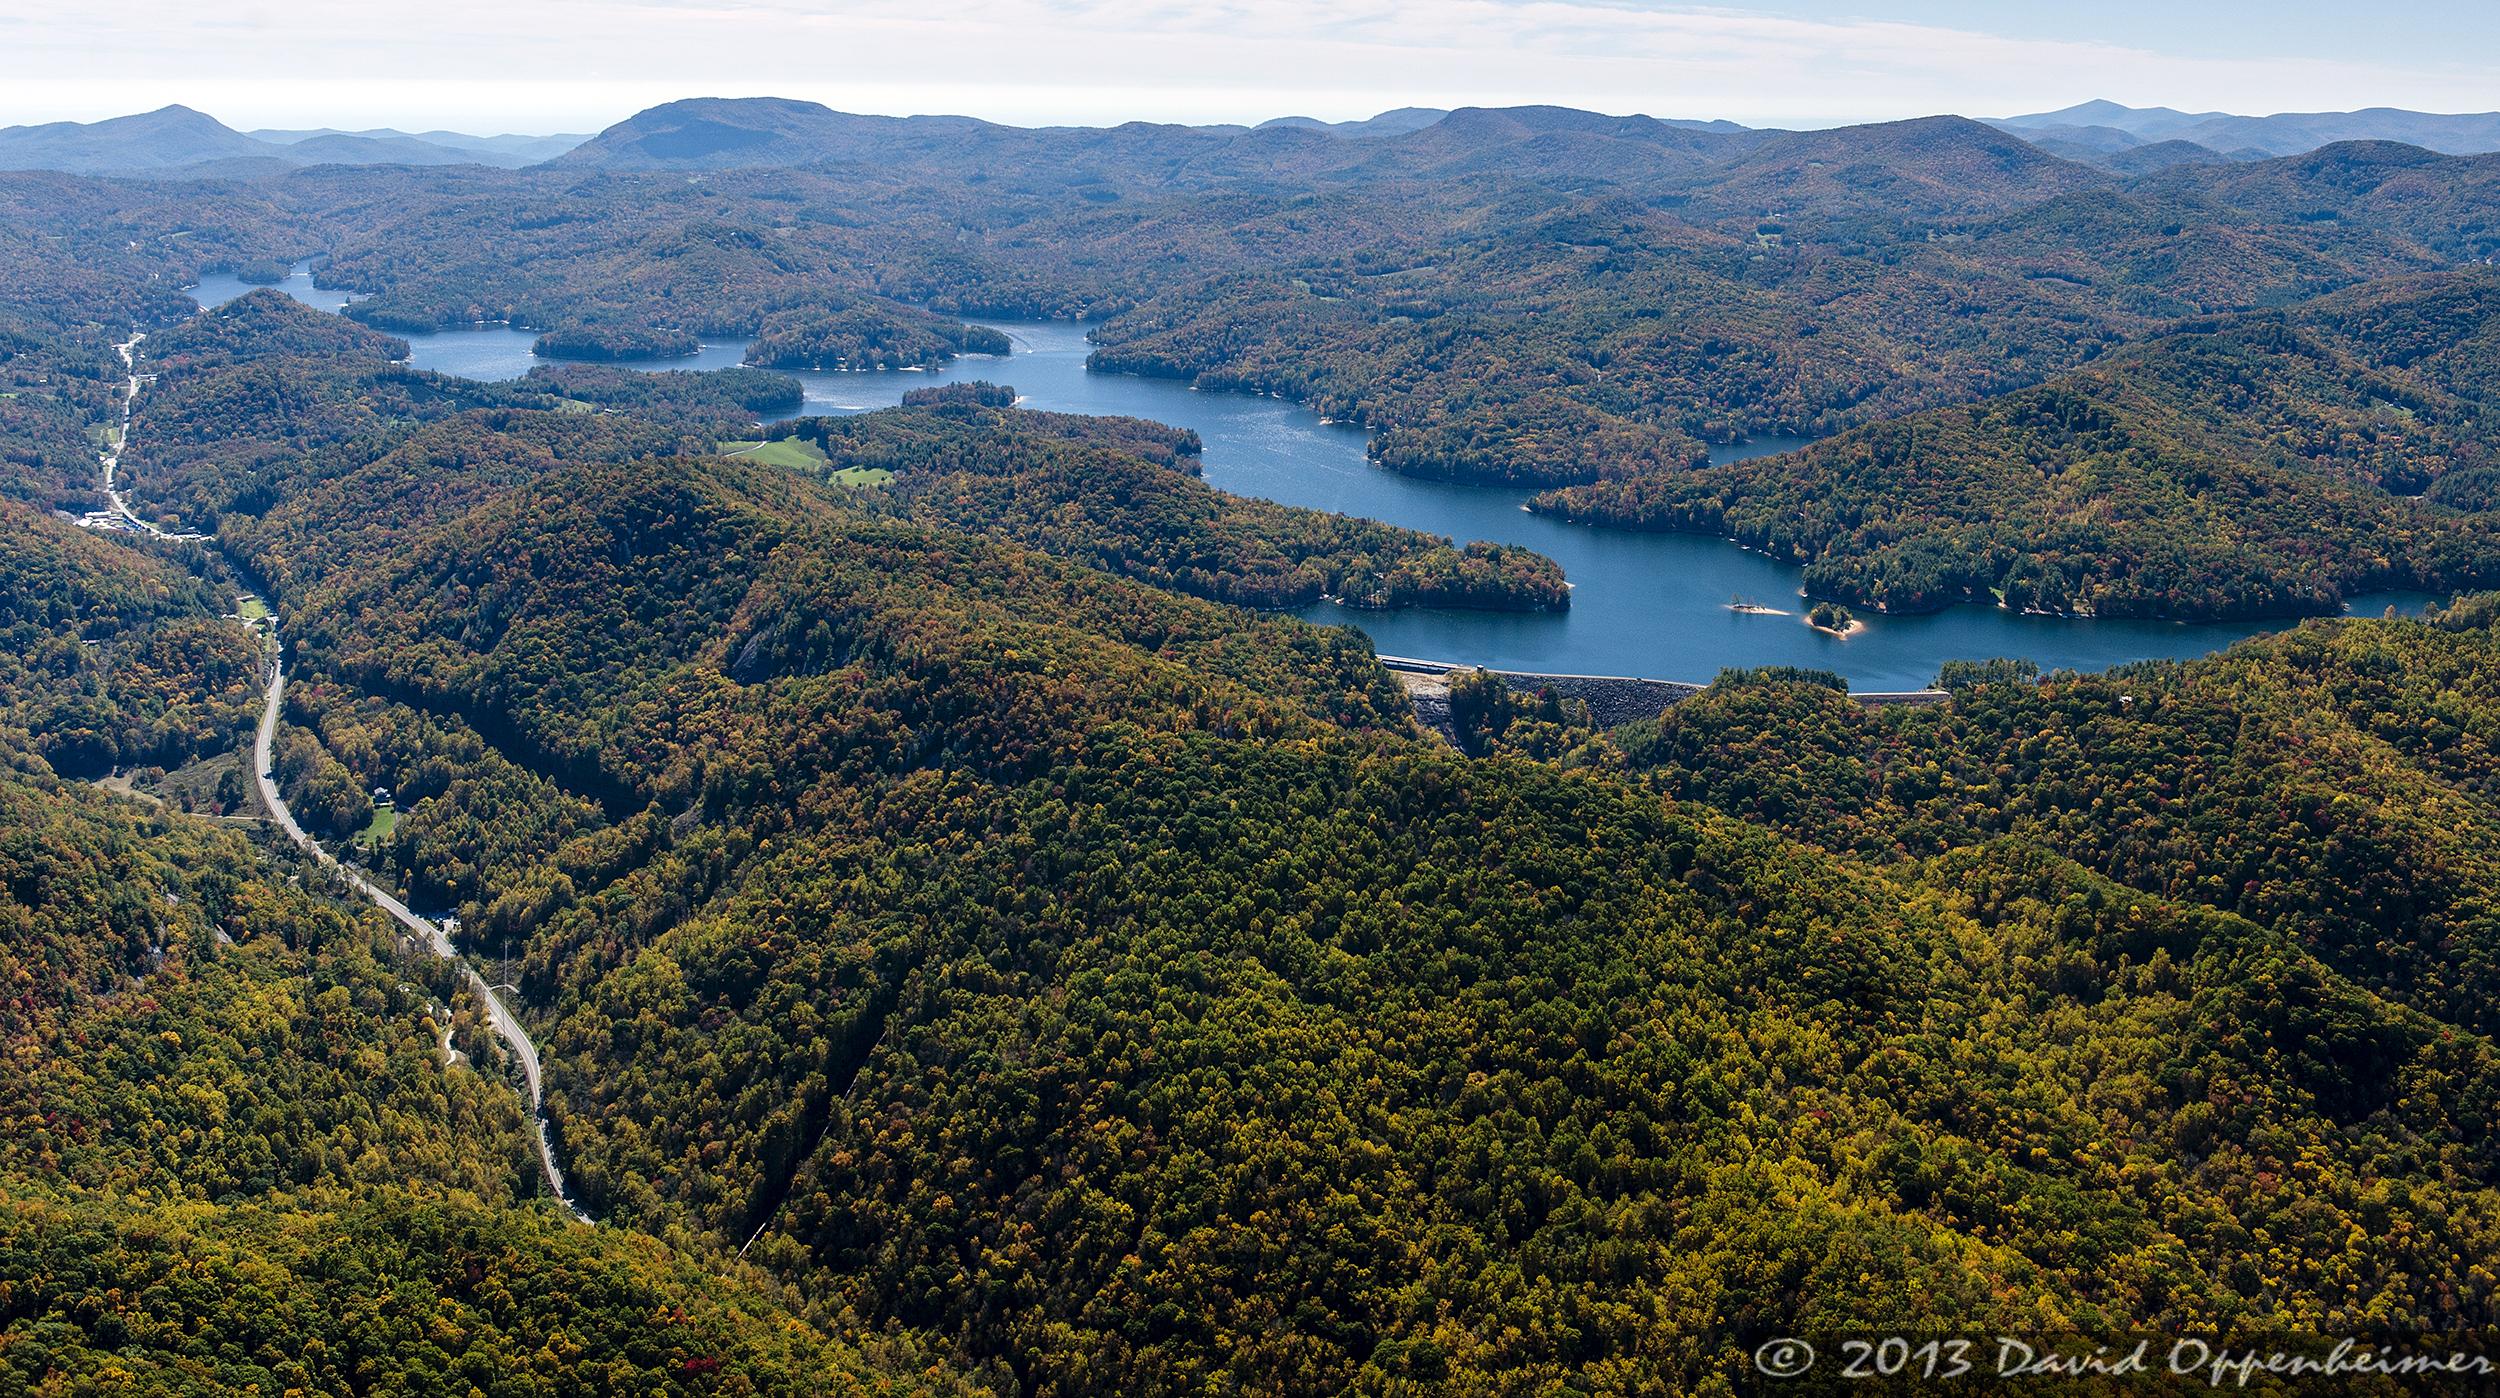 Lake Property In North Carolina Mountains